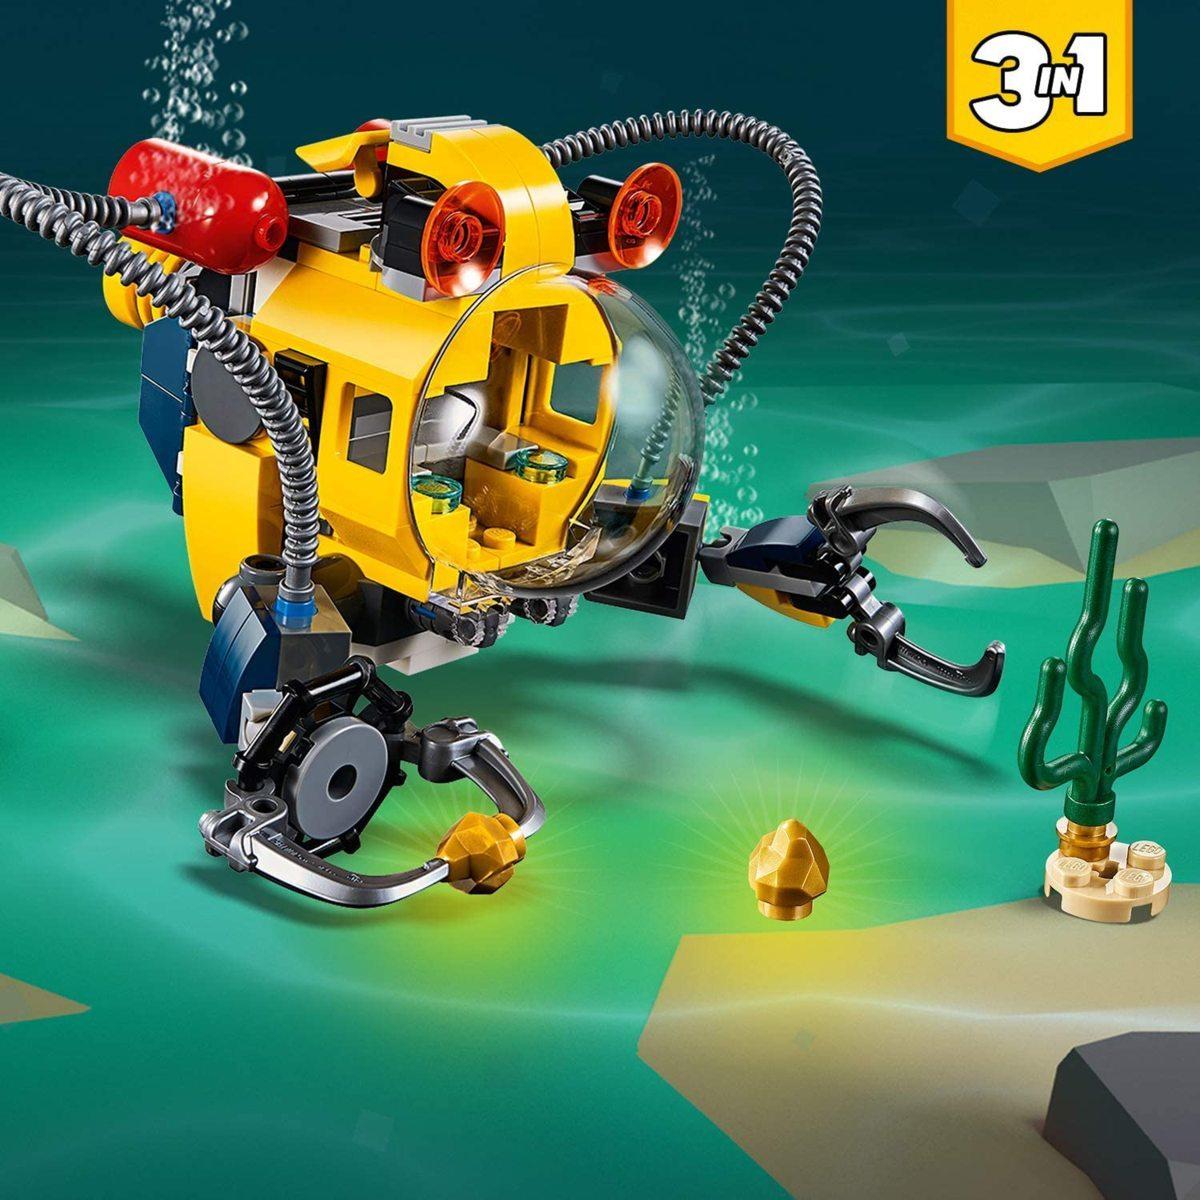 レゴ(LEGO) クリエイター 海底調査ロボット 31090 知育玩具 ブロック おもちゃ 女の子 男の子_画像4